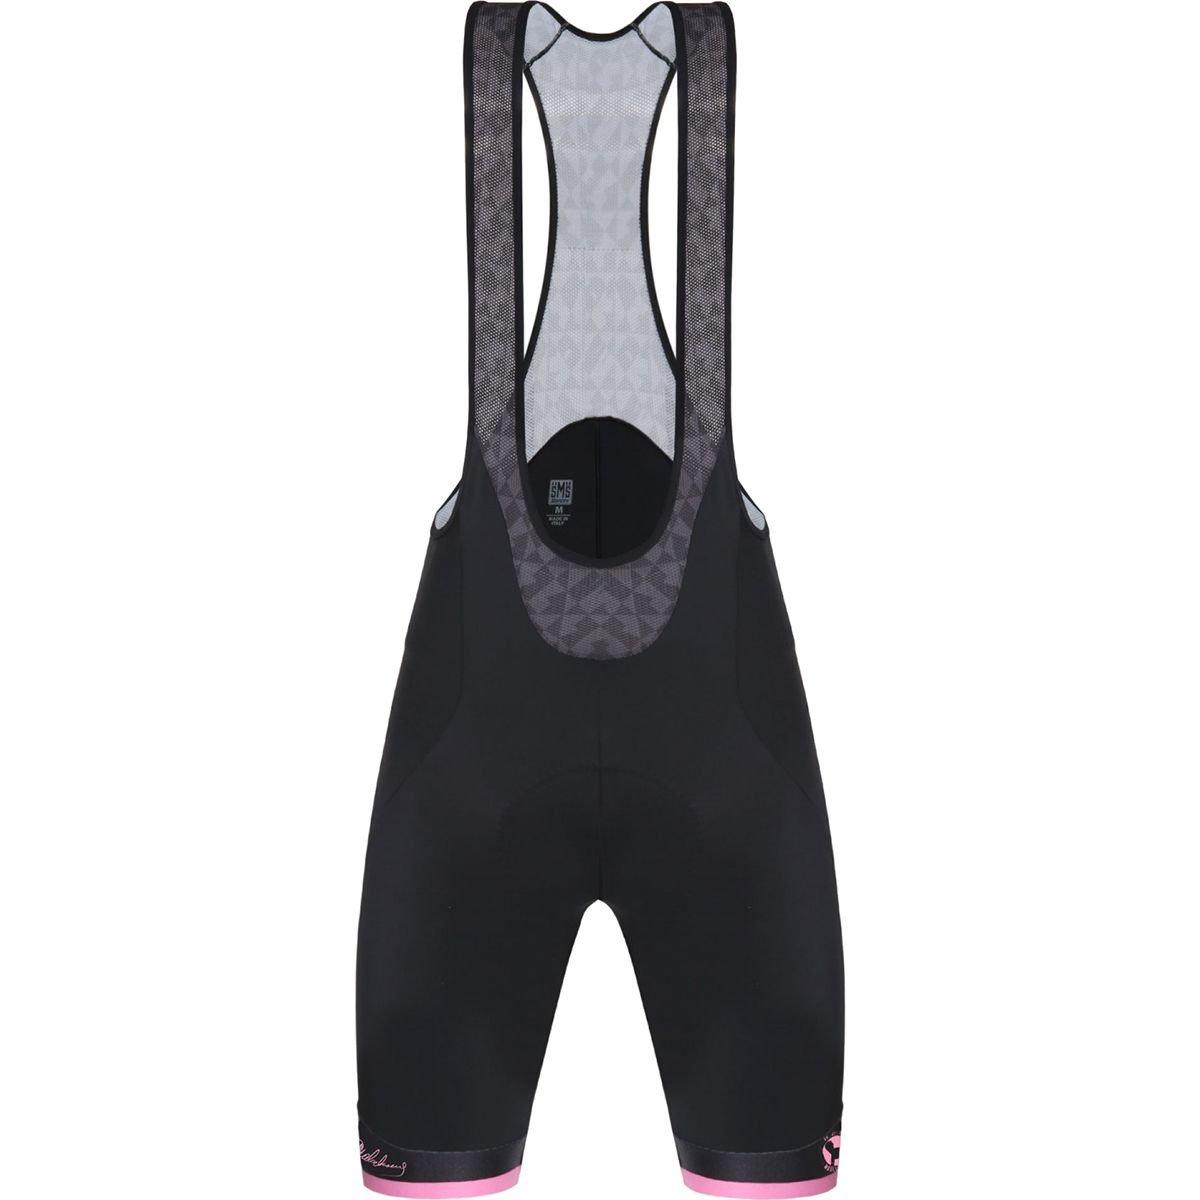 新しい季節 Santini Maglia Nera Nera Bib Short Short – Men 's B07DC6M22T XX-Large ブラック/ピンク B07DC6M22T, シャドウマジック:6cee12ca --- arianechie.dominiotemporario.com